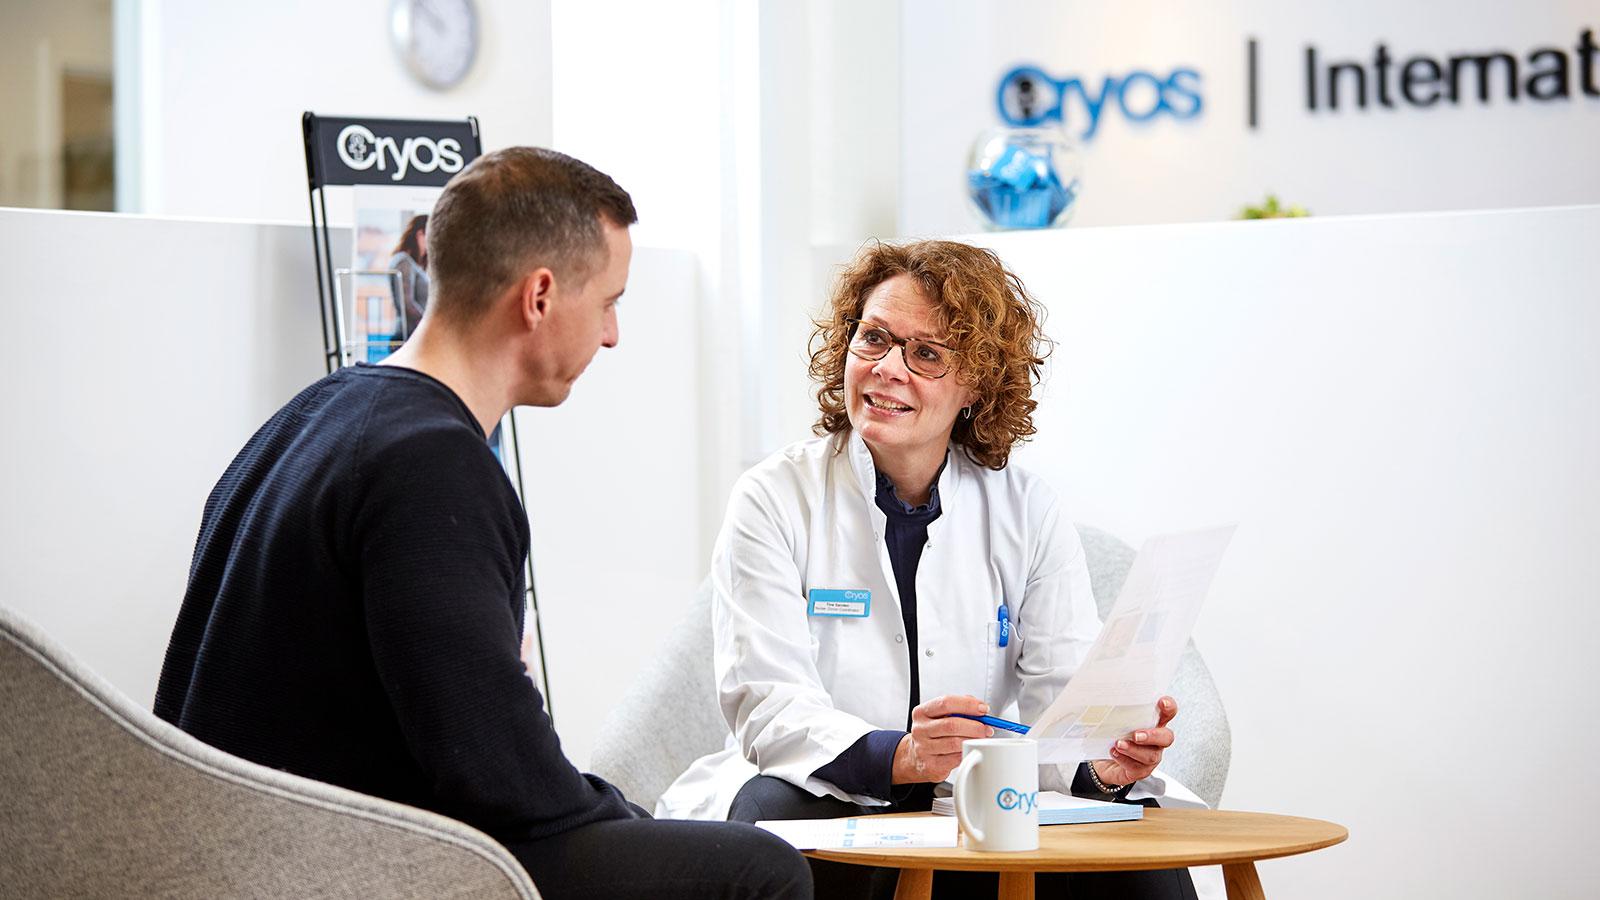 Donante de esperma en Cryos y proceso de selección